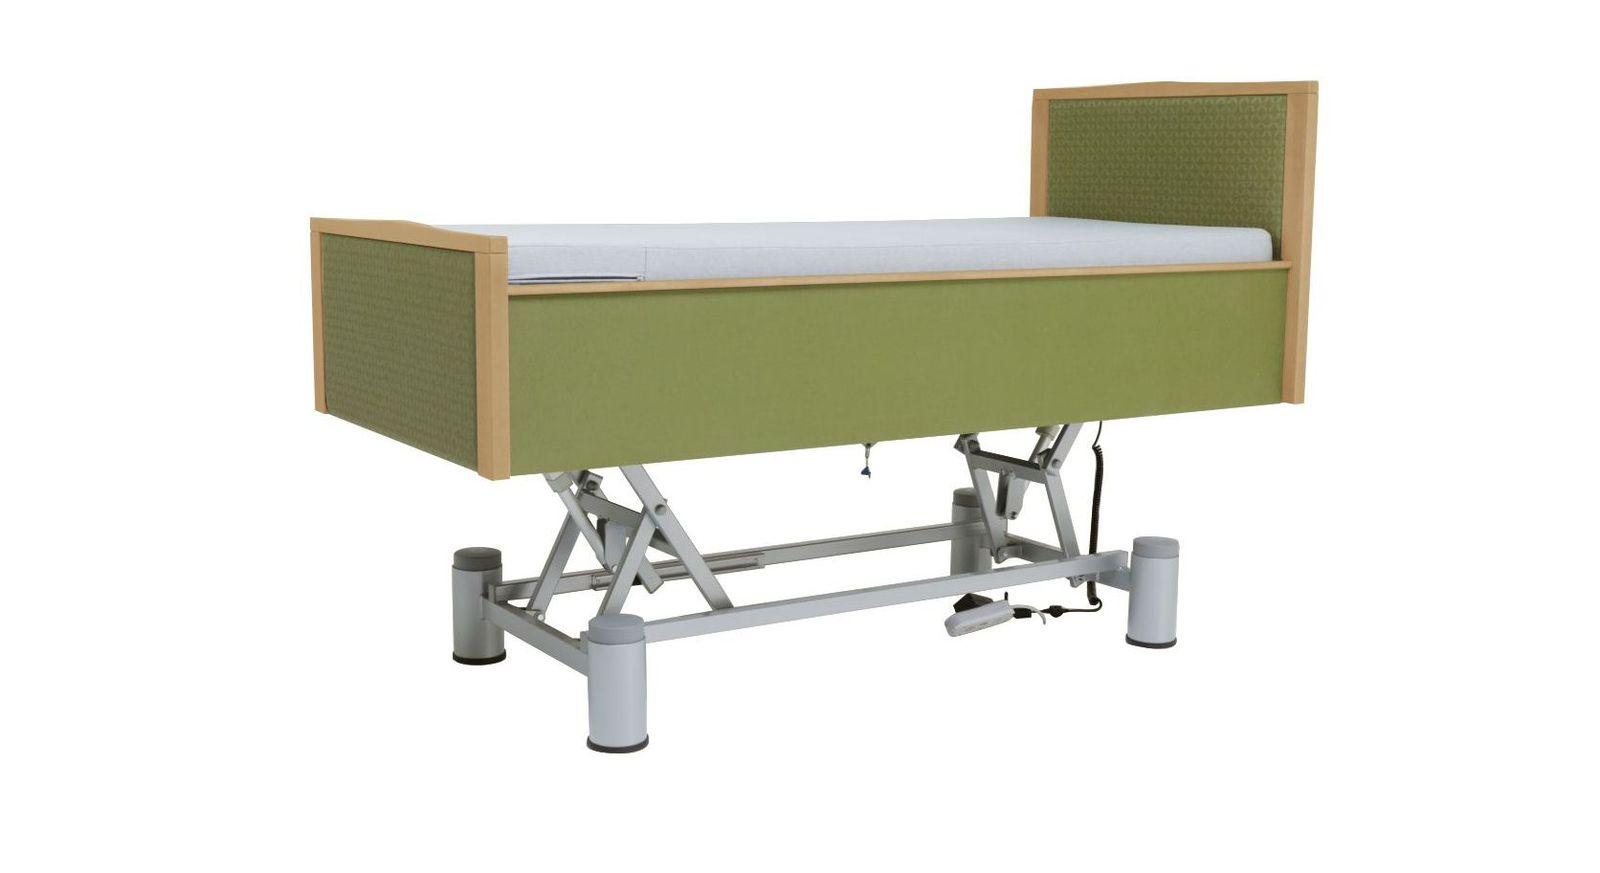 Komfortbett mit Pflegebett-Funktion mit elektrischer Verstellung